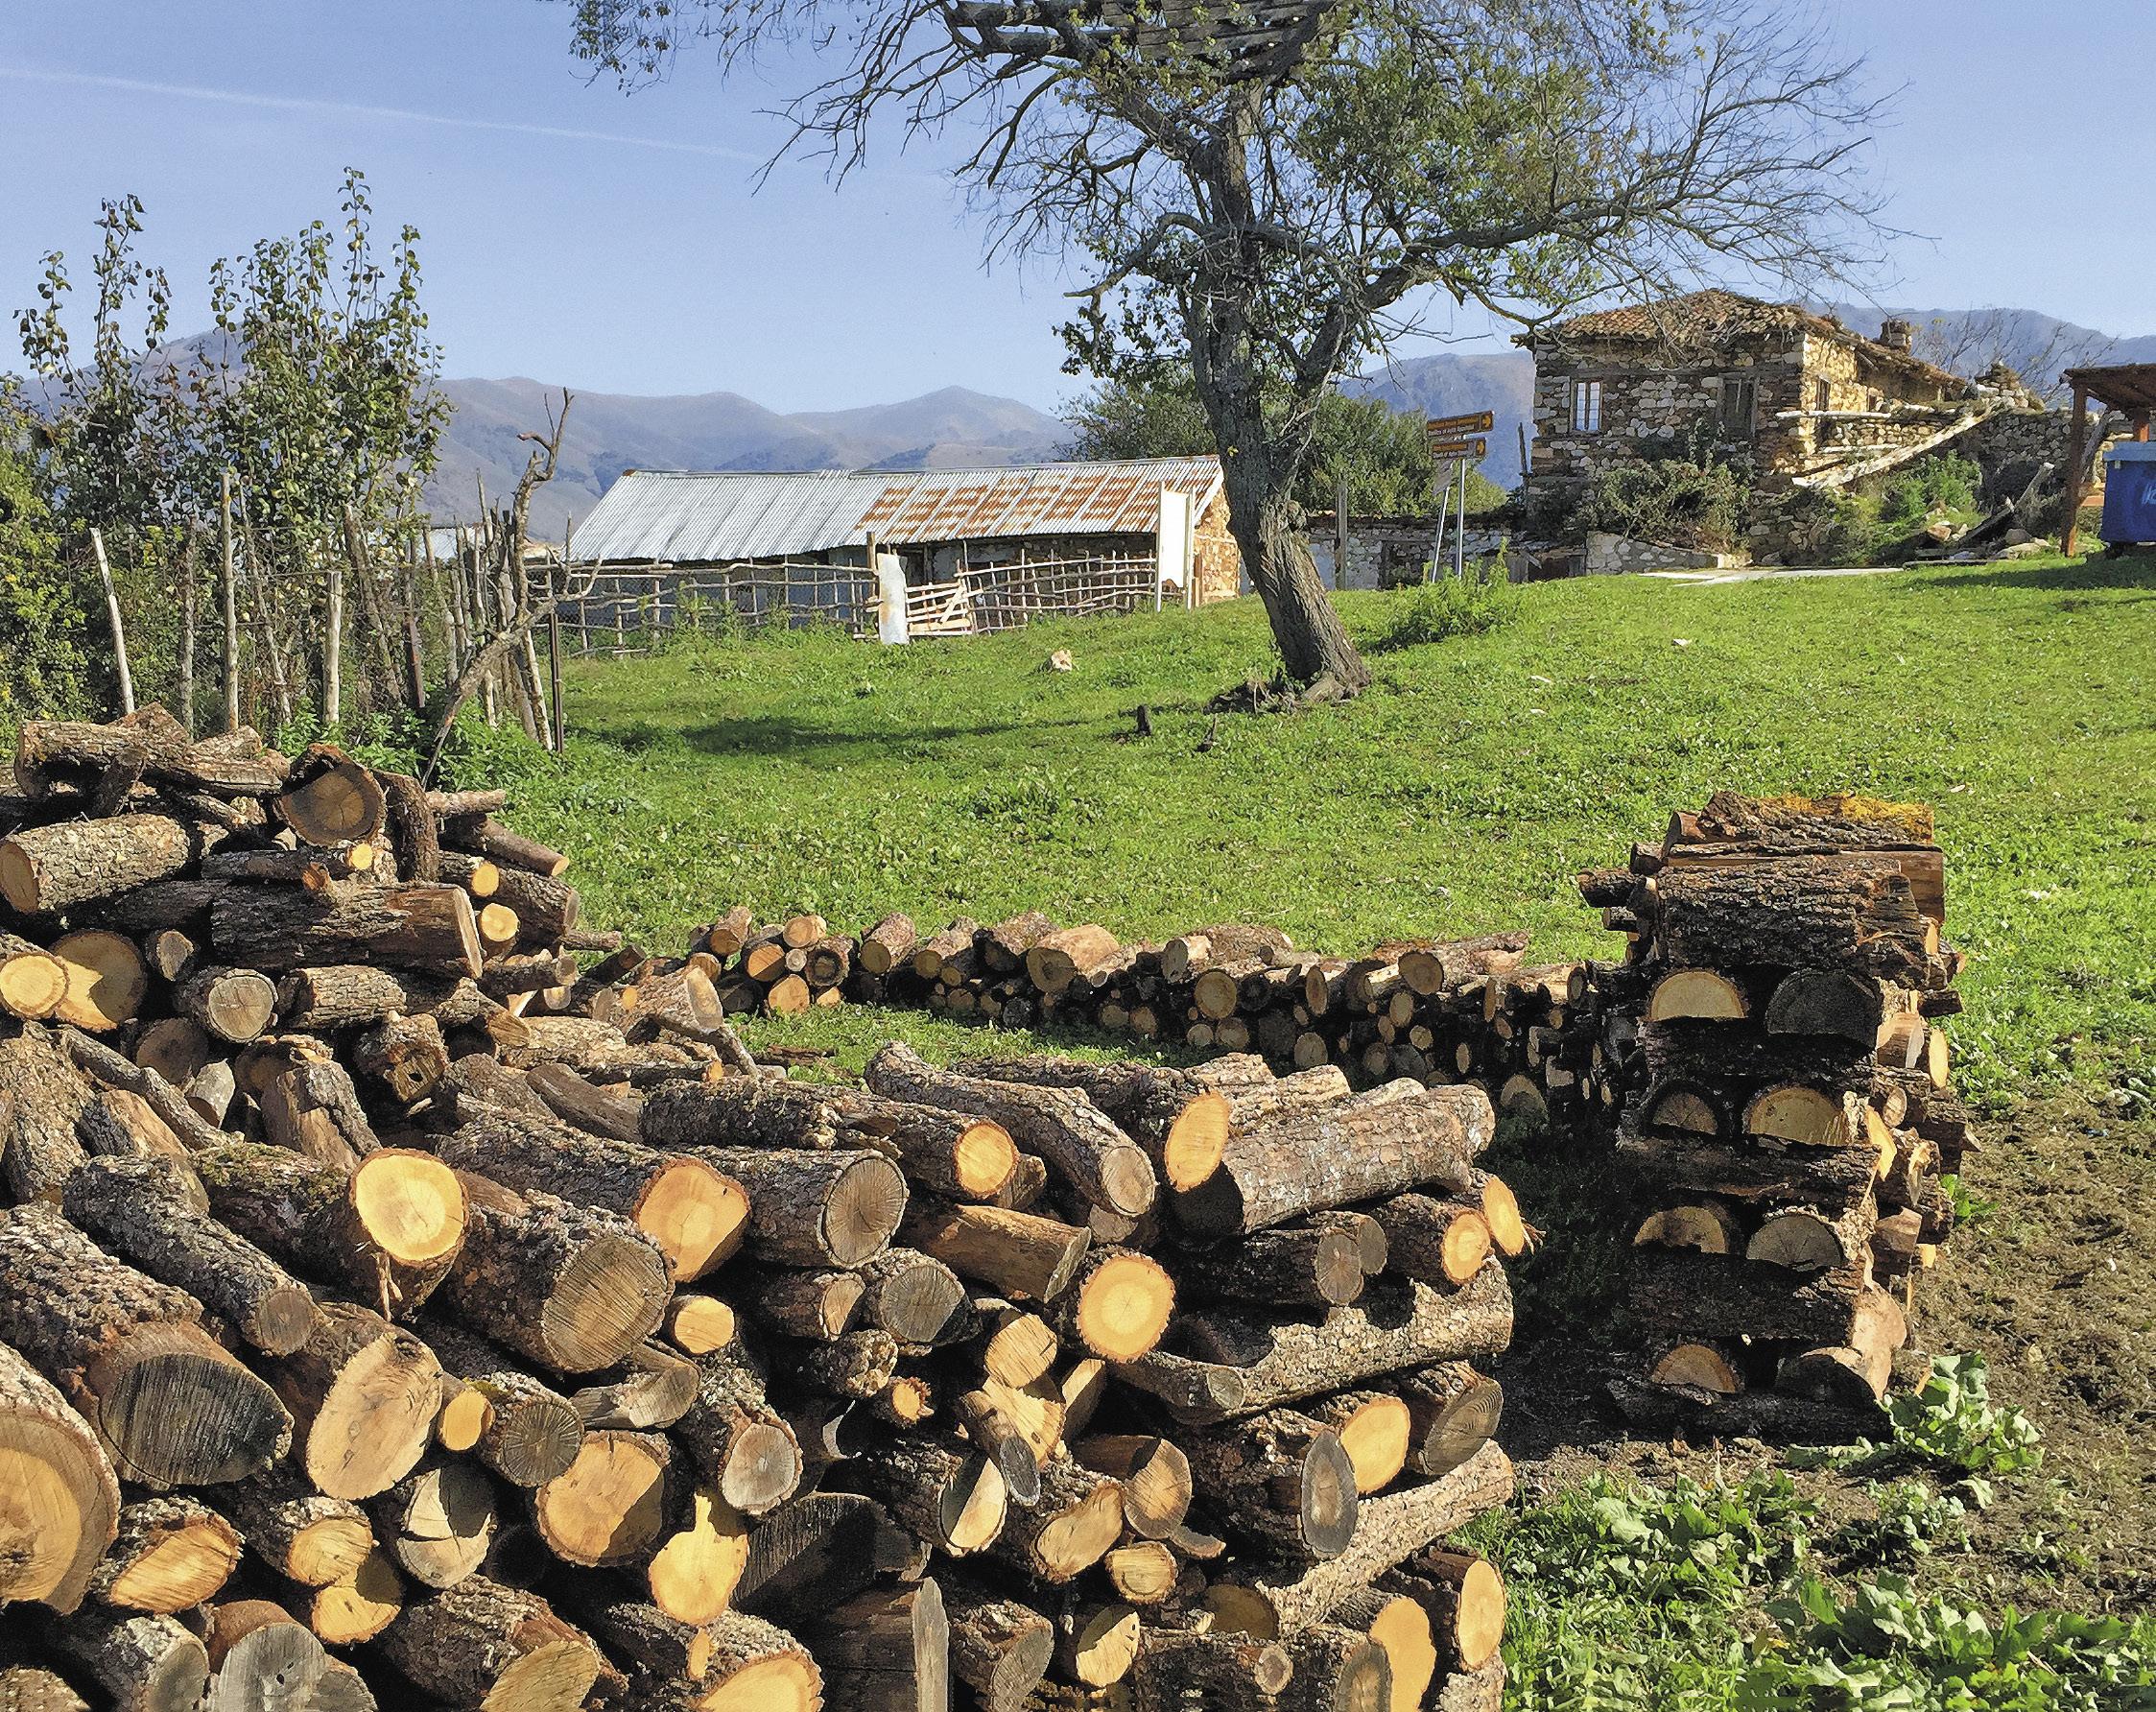 Такая сельская идиллия очень характерна для сел Западной Македонии. Несмотря на то, что зимы здесь теплые, местные жители заготовливают дрова как для домашнего очага, так и на продажу – для каминов ресторанов и отелей.